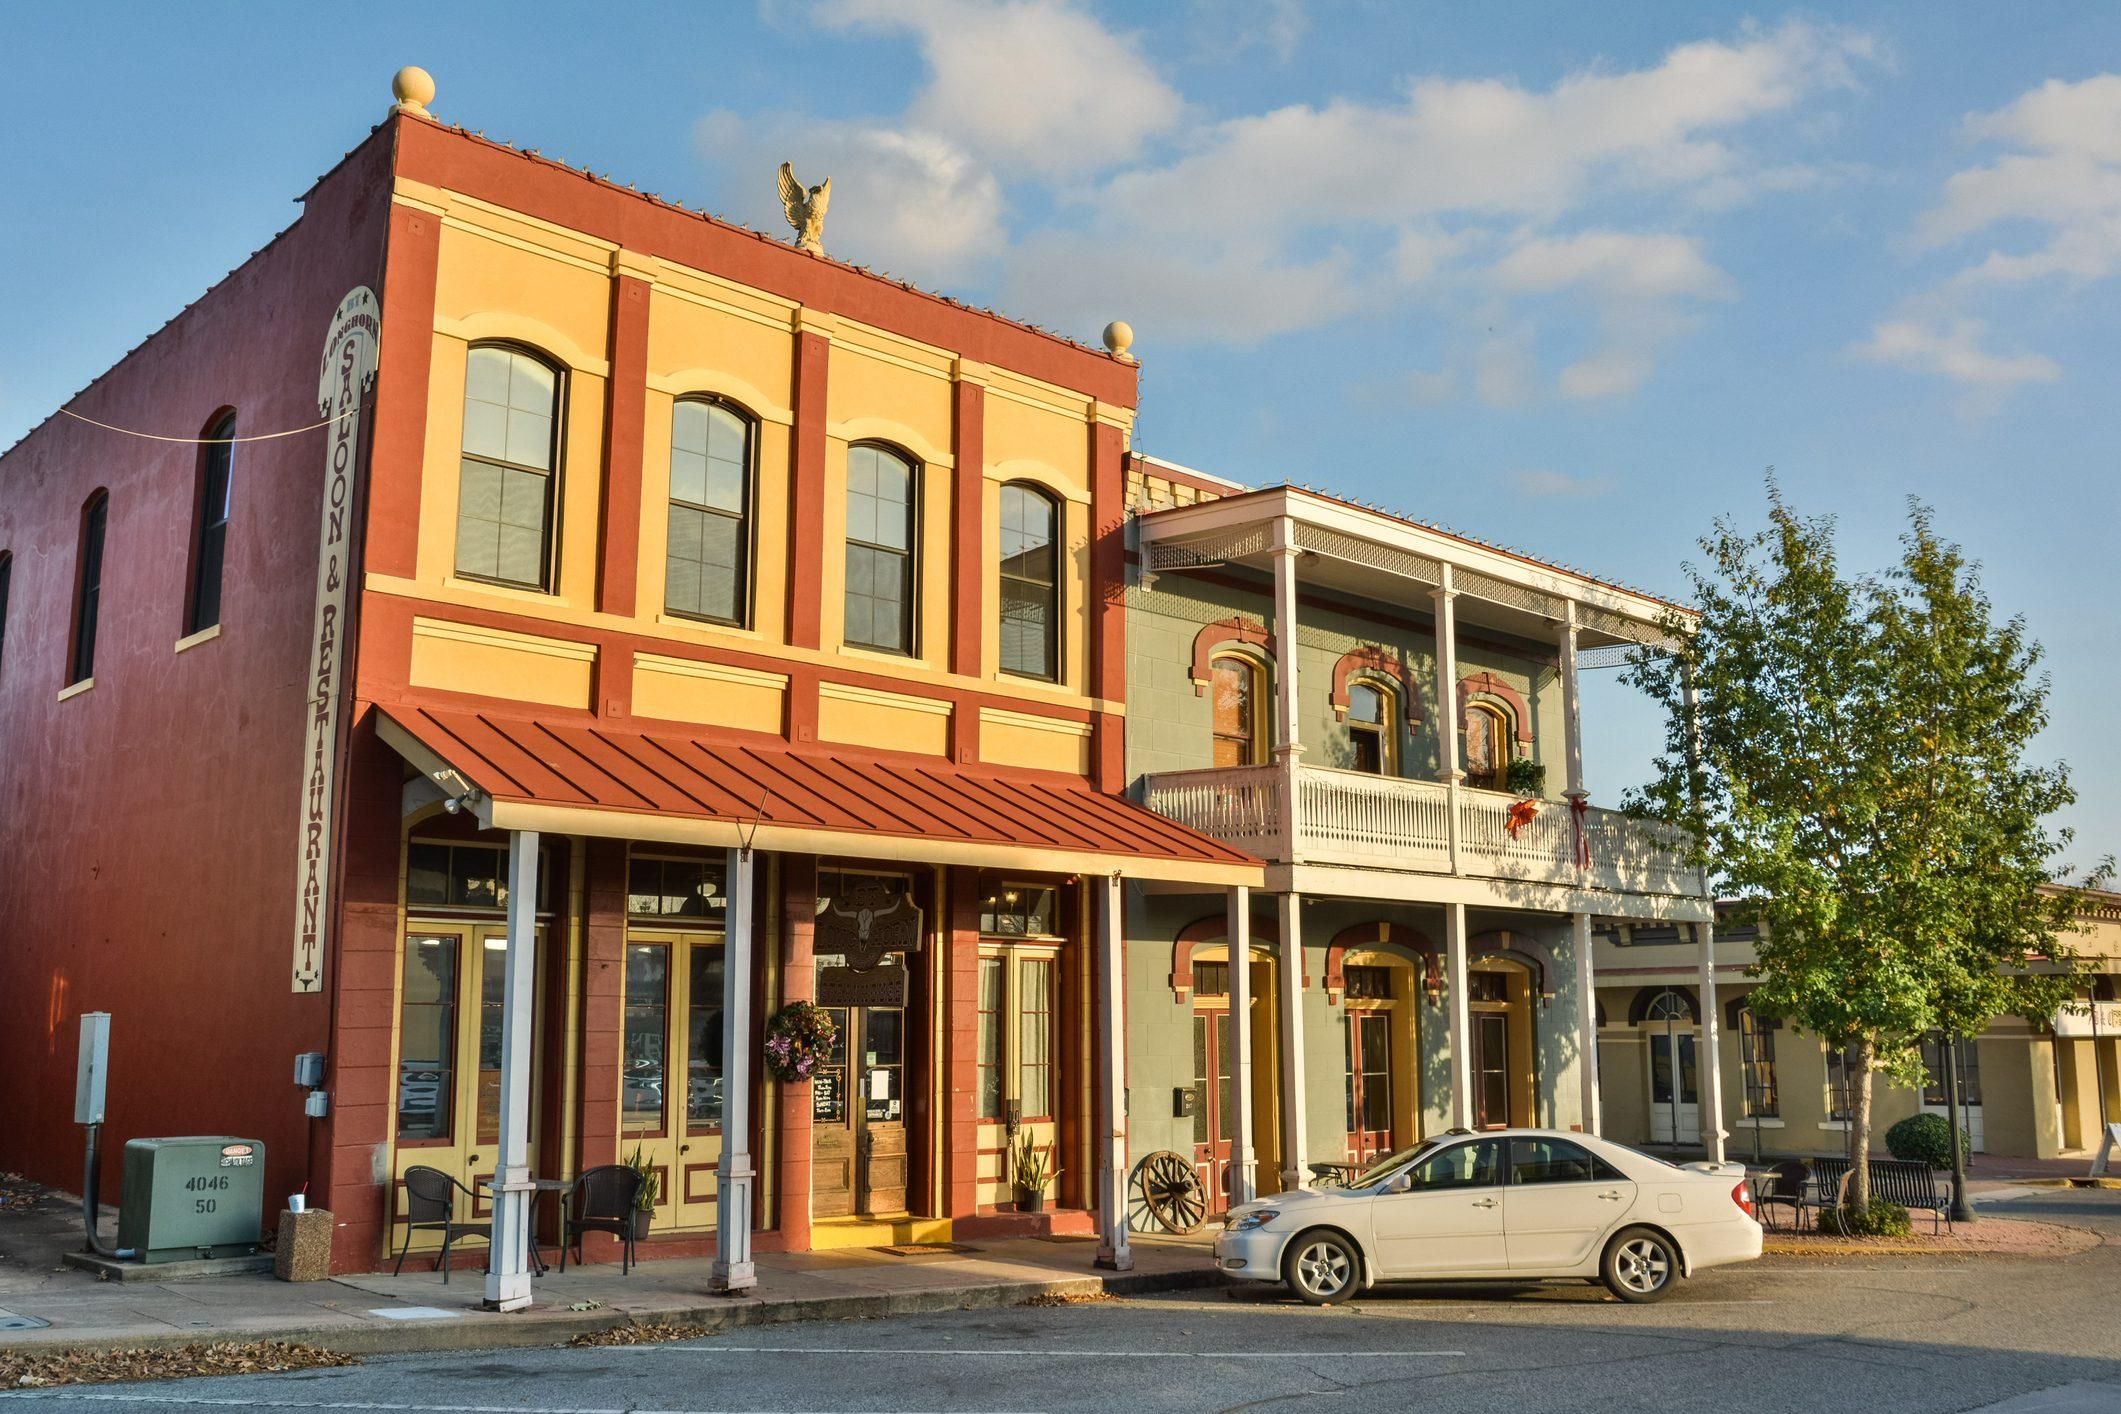 Dunlap Buildings, dating from 1870, in Brenham, TX